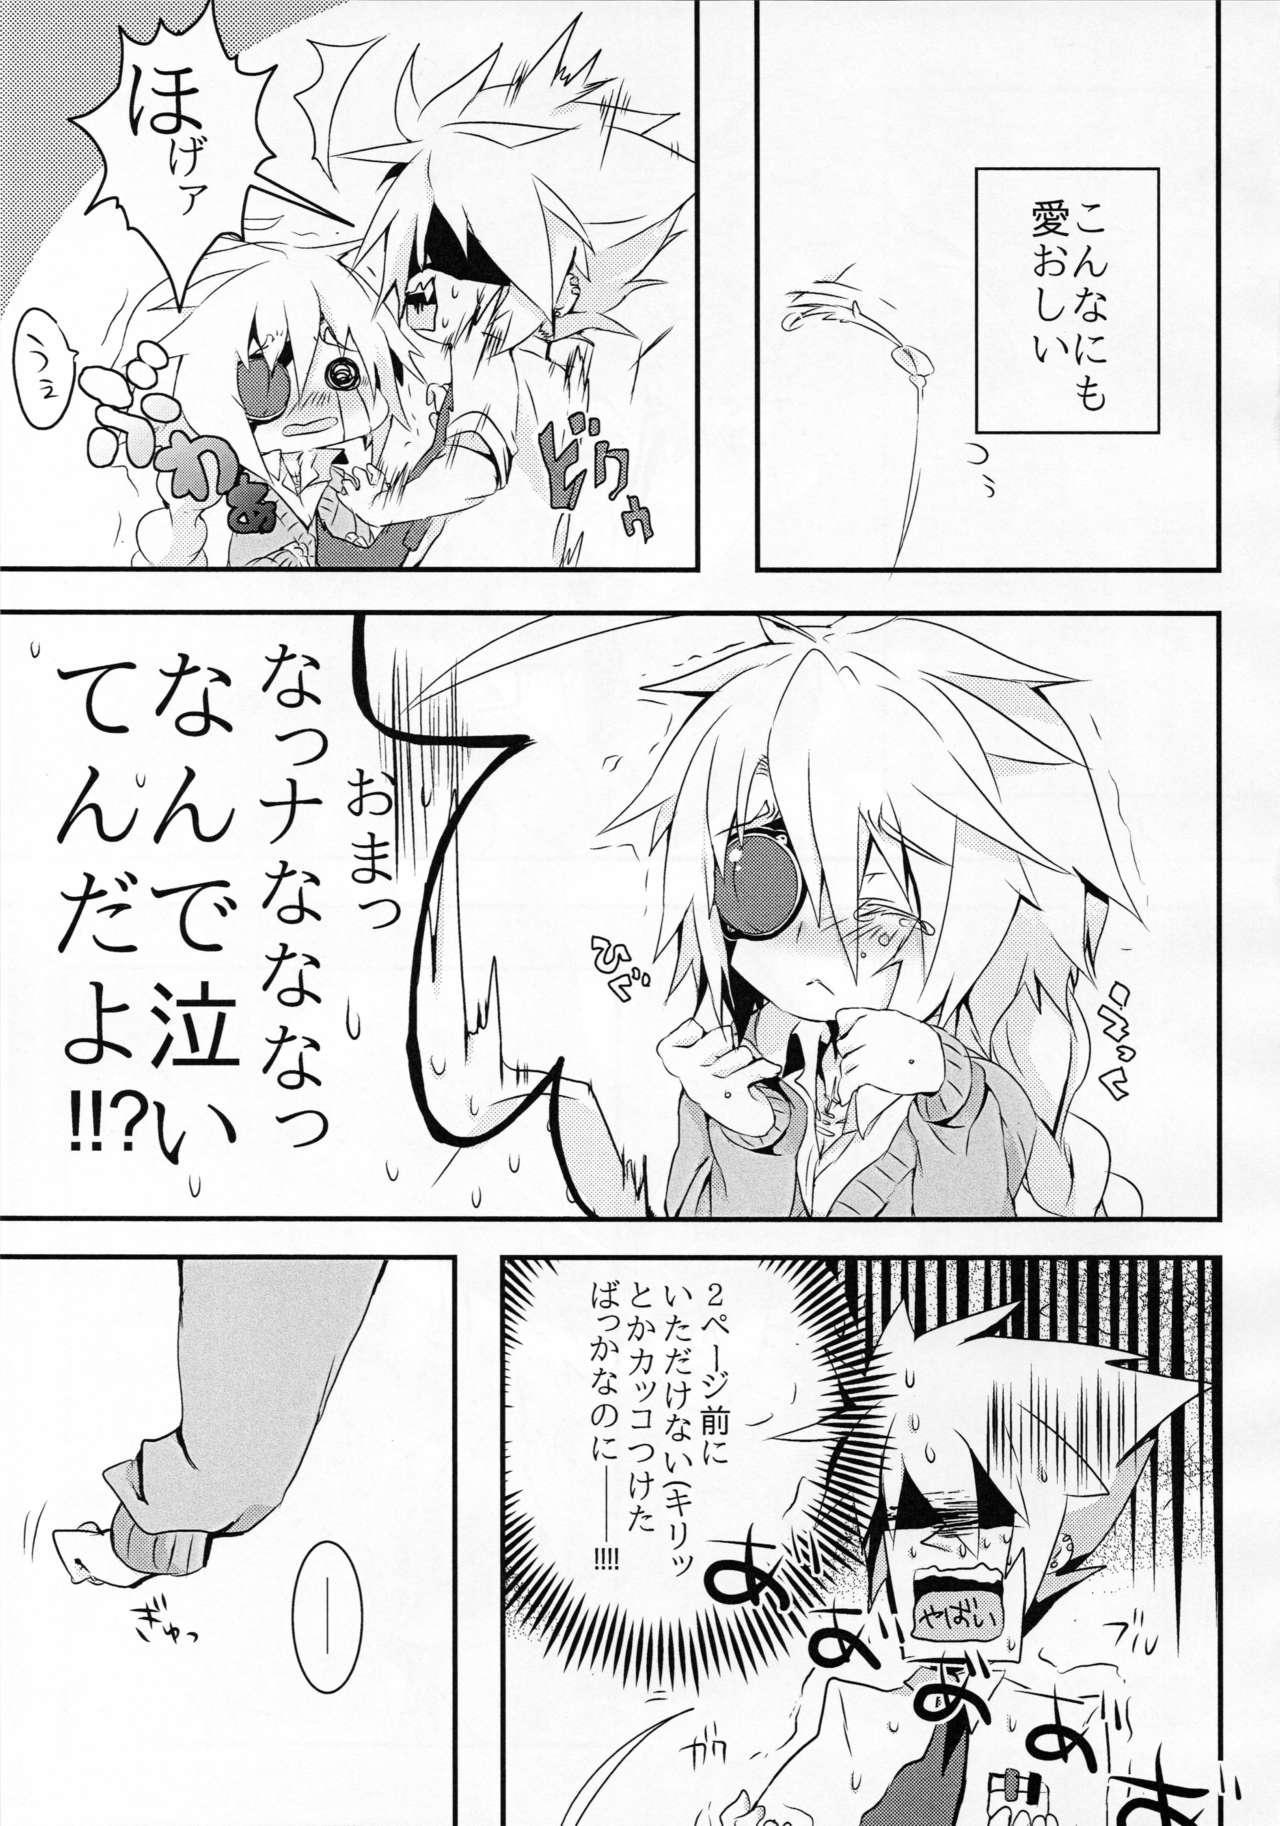 Ningyou no Miru Yume wa 13